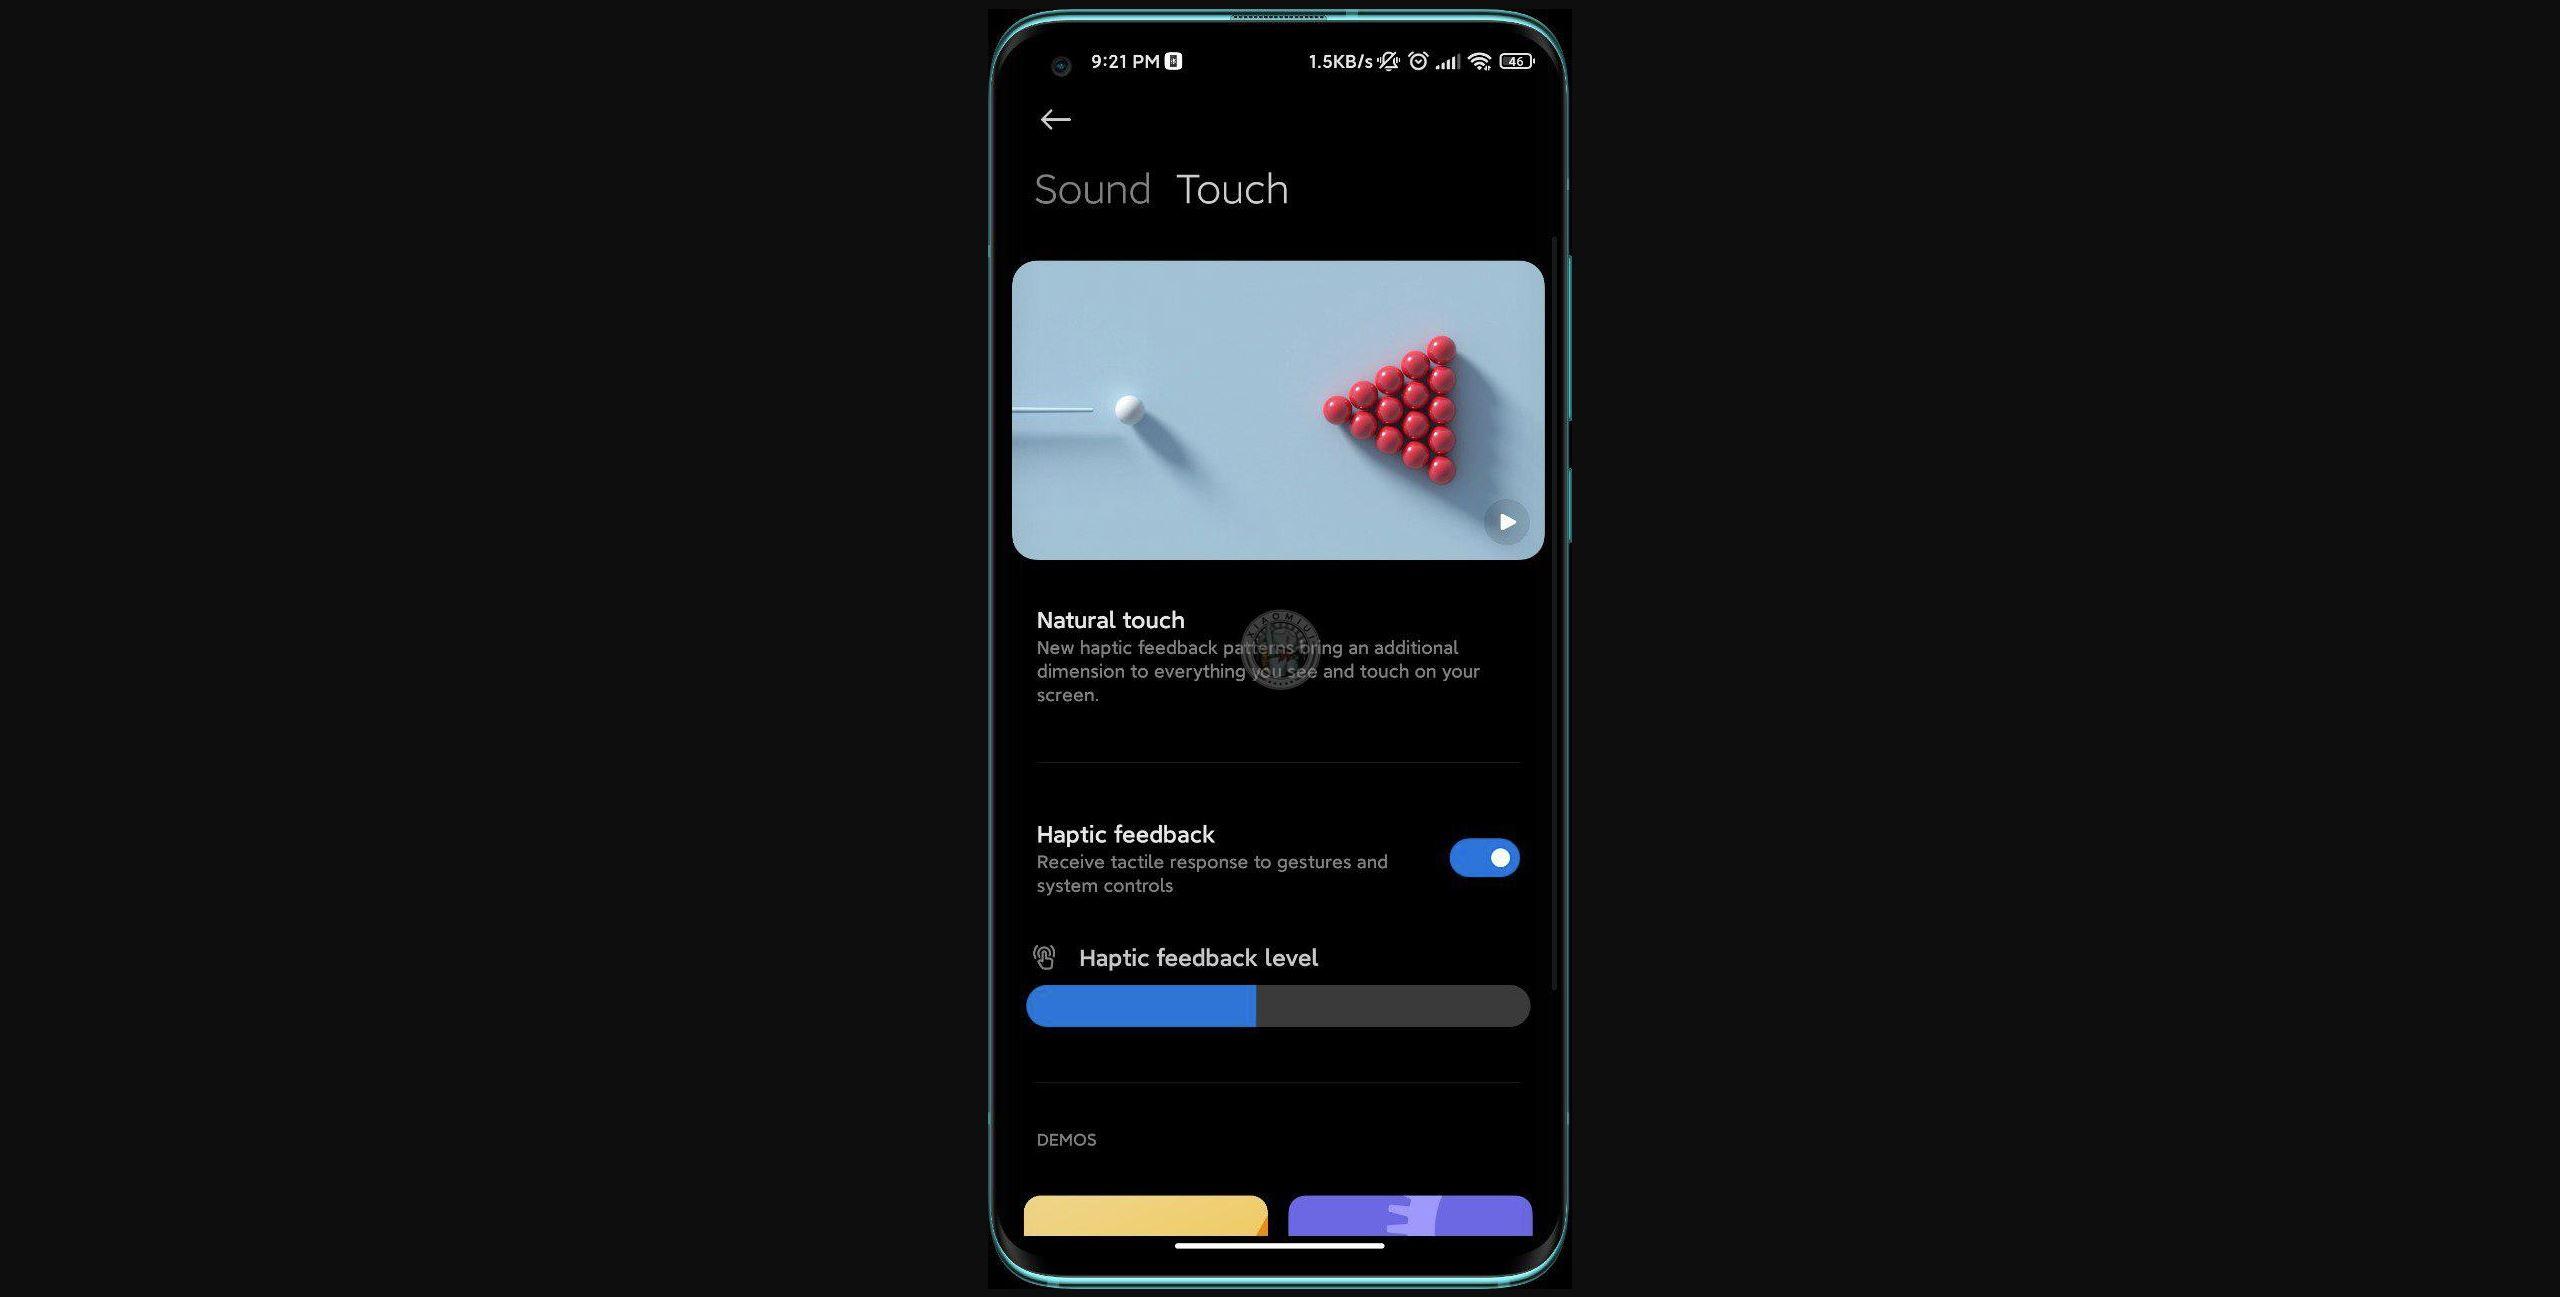 Xiaomi-plant-realistisches-Feedback-Touchbedienung-der-Topmodelle-wird-verbessert